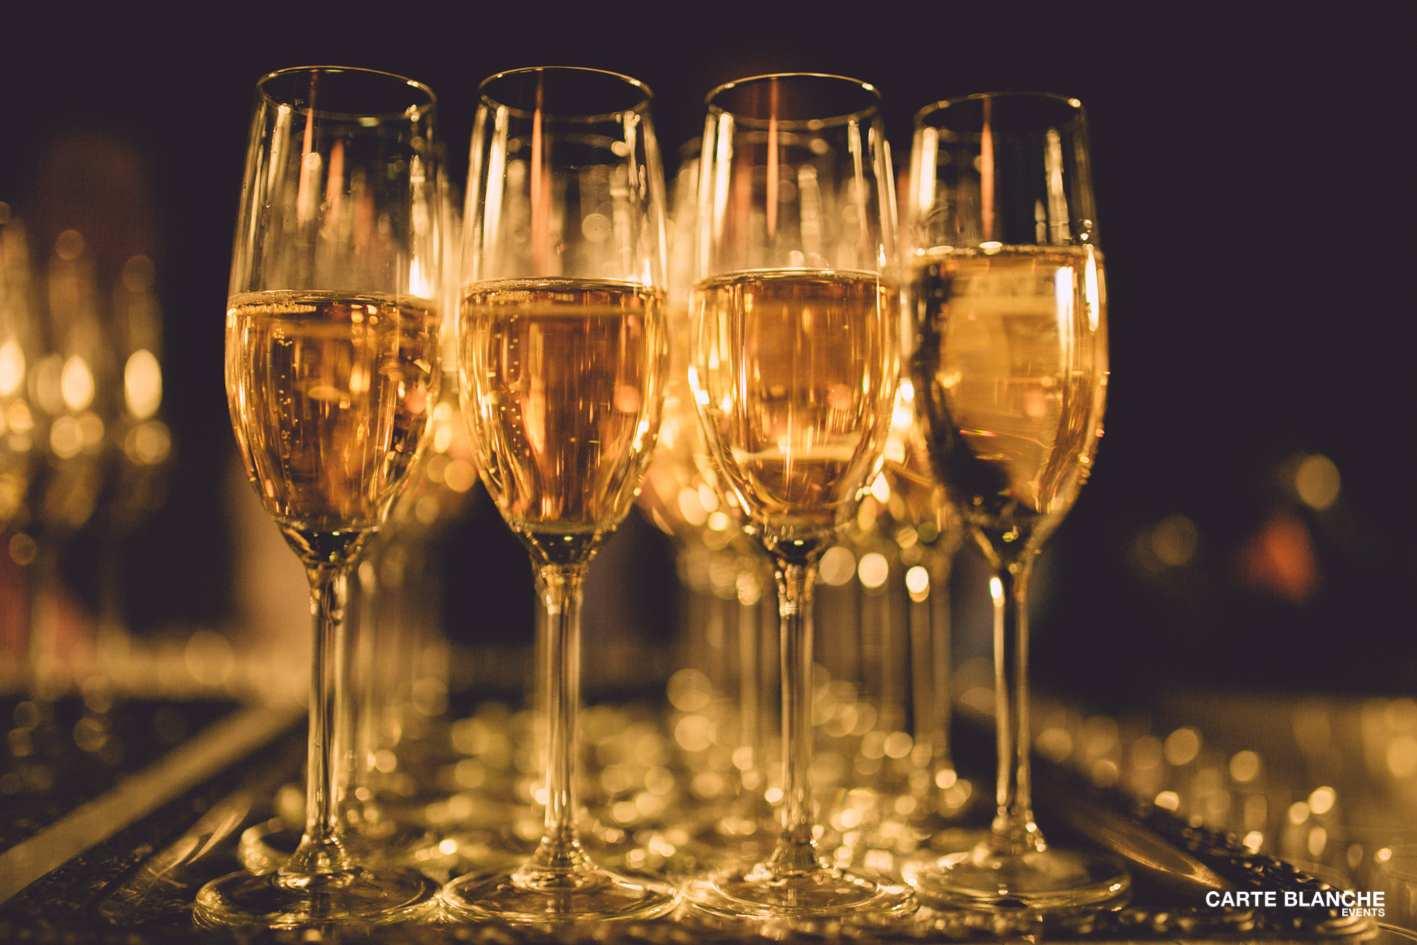 xmas-party-ferrero-2013-champagne-carte-blanche